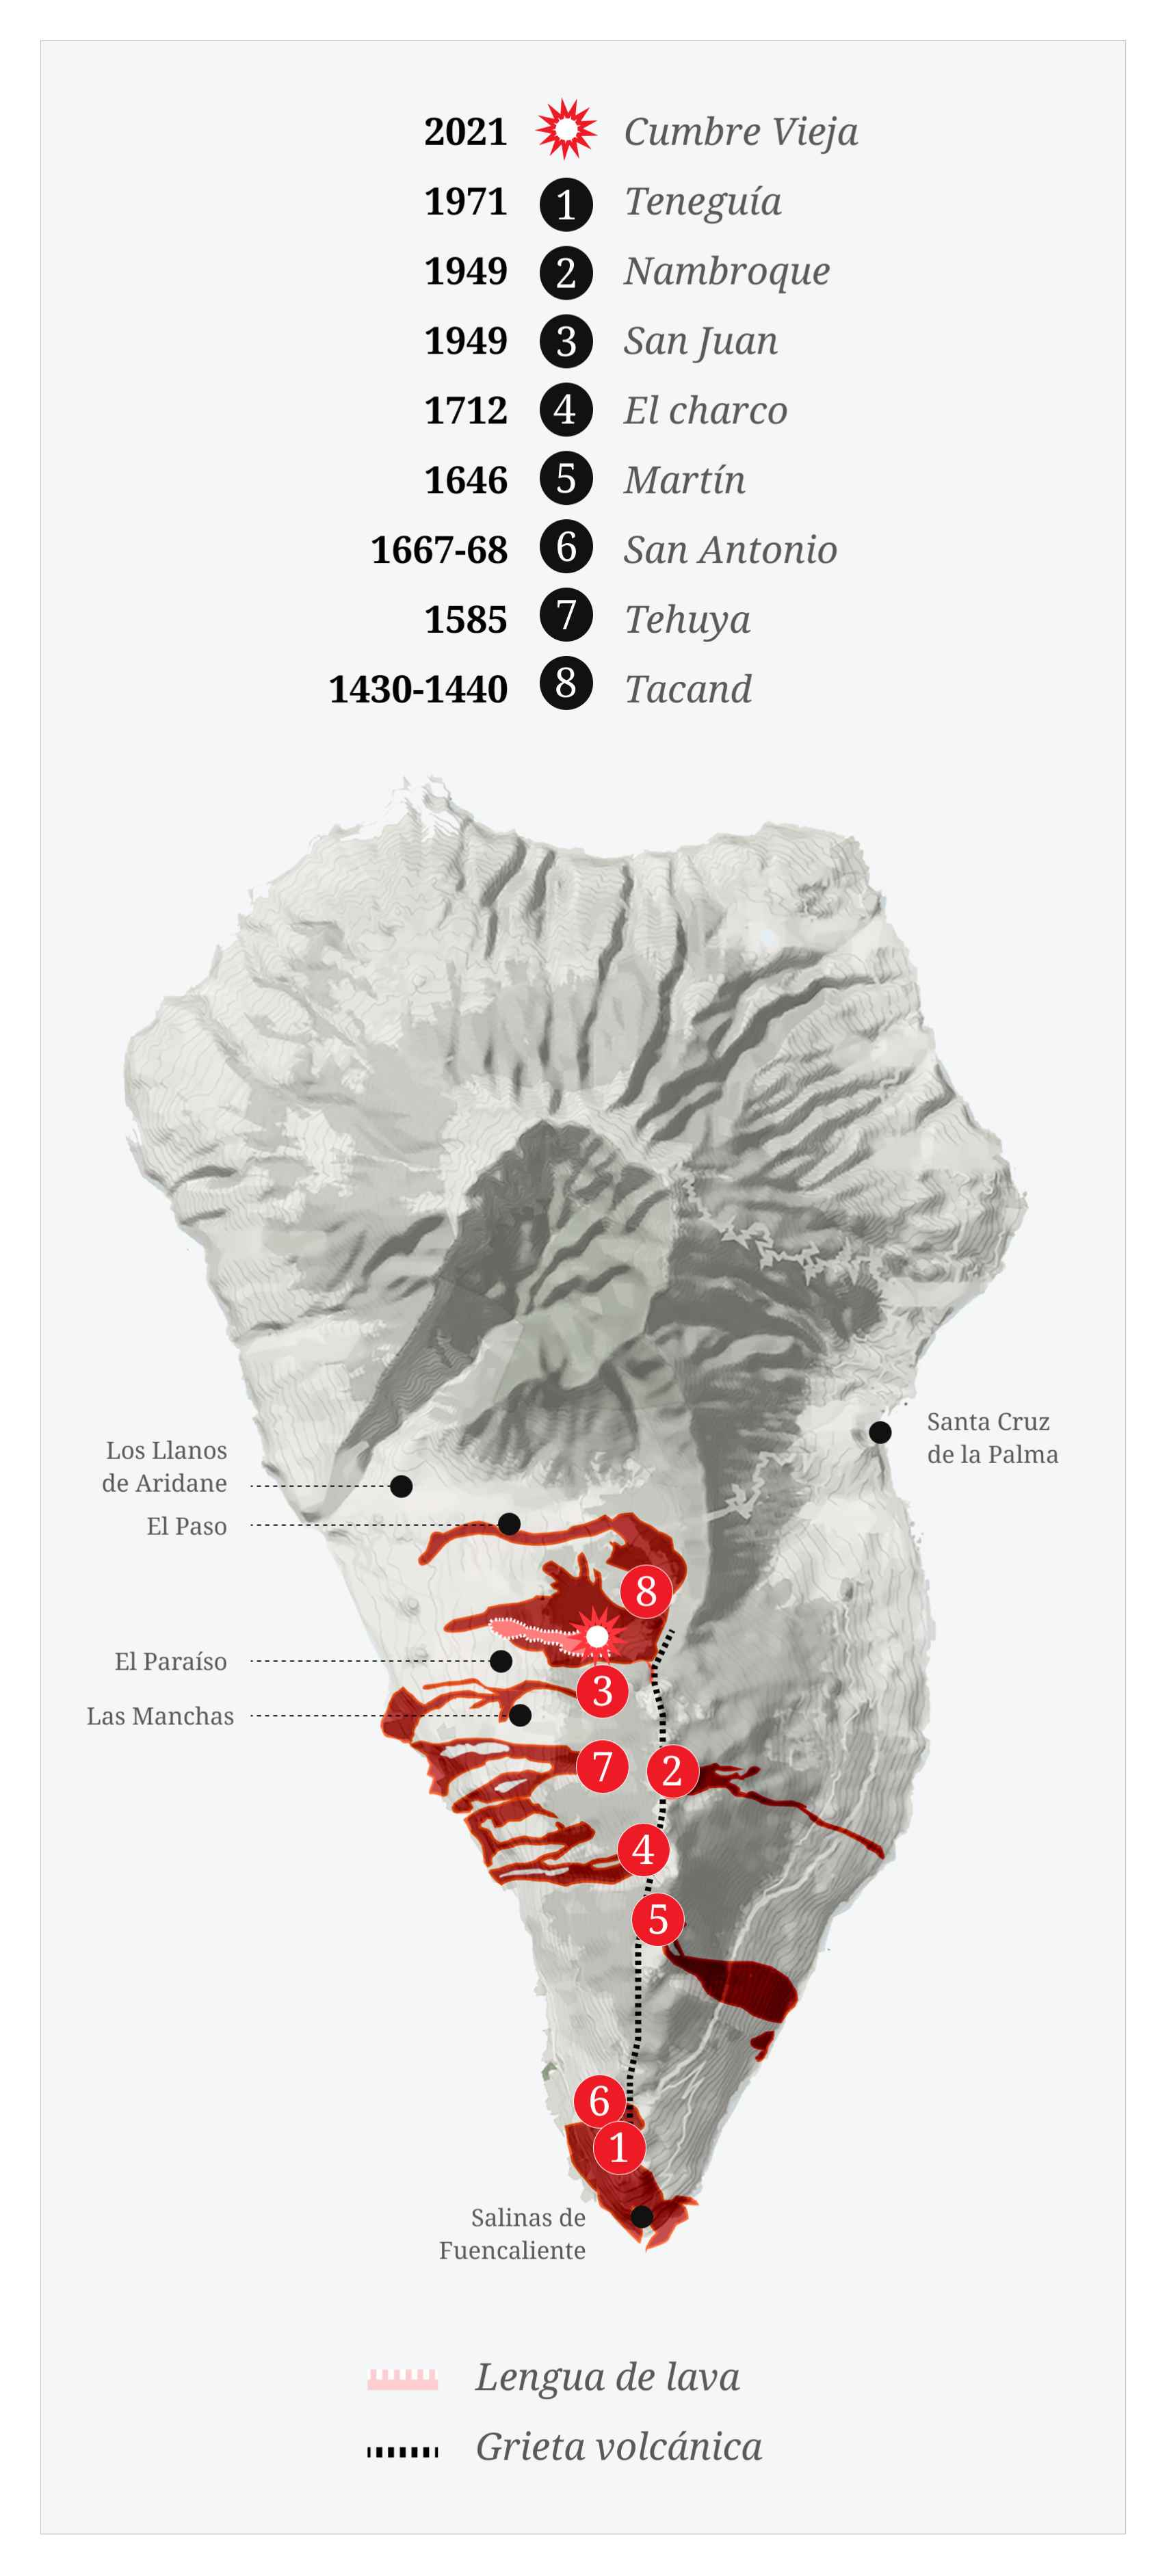 Erupciones históricas en la isla de La Palma.